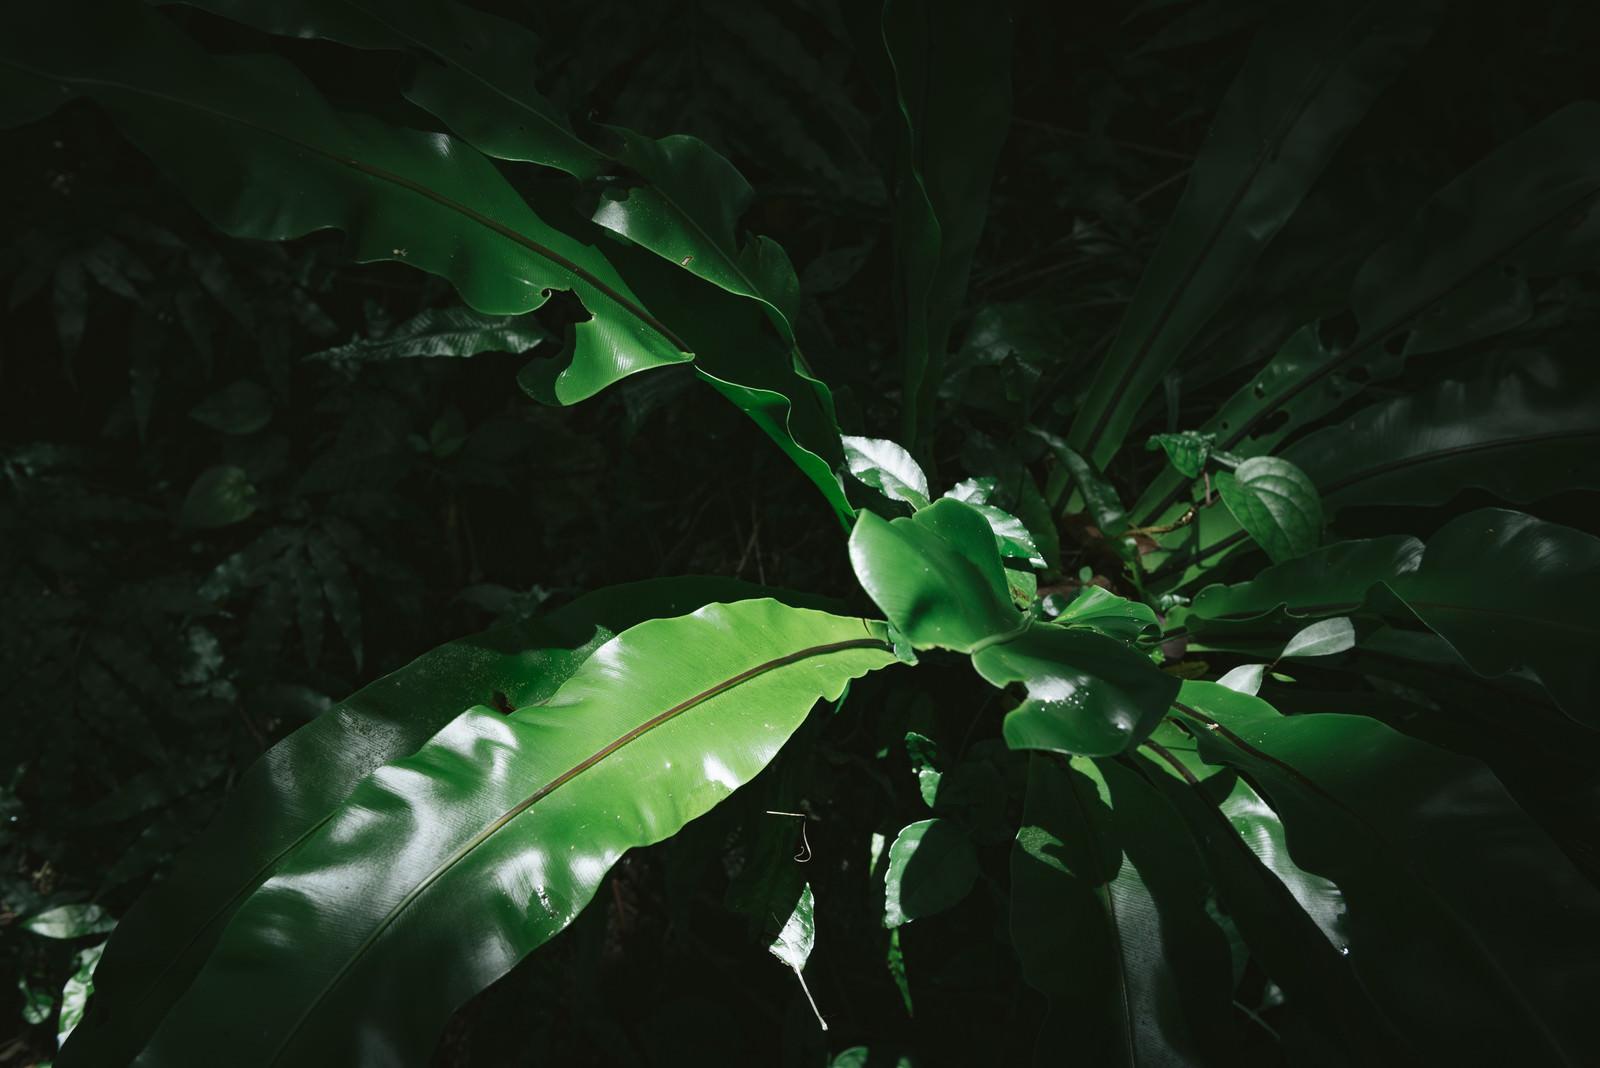 「オオタニワタリオオタニワタリ」のフリー写真素材を拡大